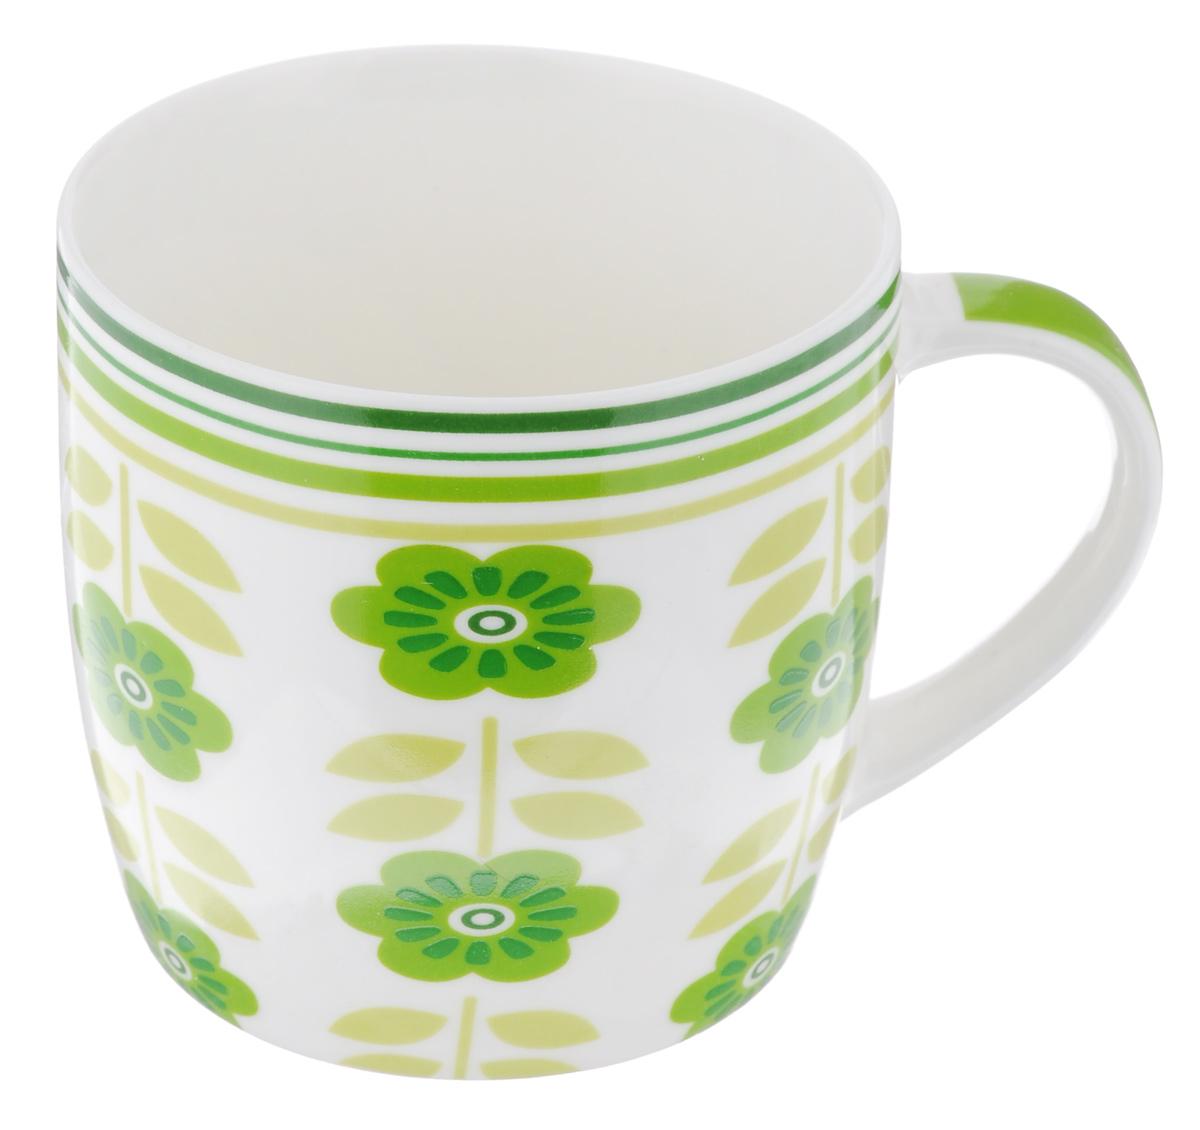 Кружка Loraine Цветы, цвет: белый, зеленый, 320 мл24474_белый, зеленыйОригинальная кружка Loraine Зеленые цветы выполнена из костяного фарфора и оформлена красочным рисунком. Она станет отличным дополнением к сервировке семейного стола и замечательным подарком для ваших родных и друзей.